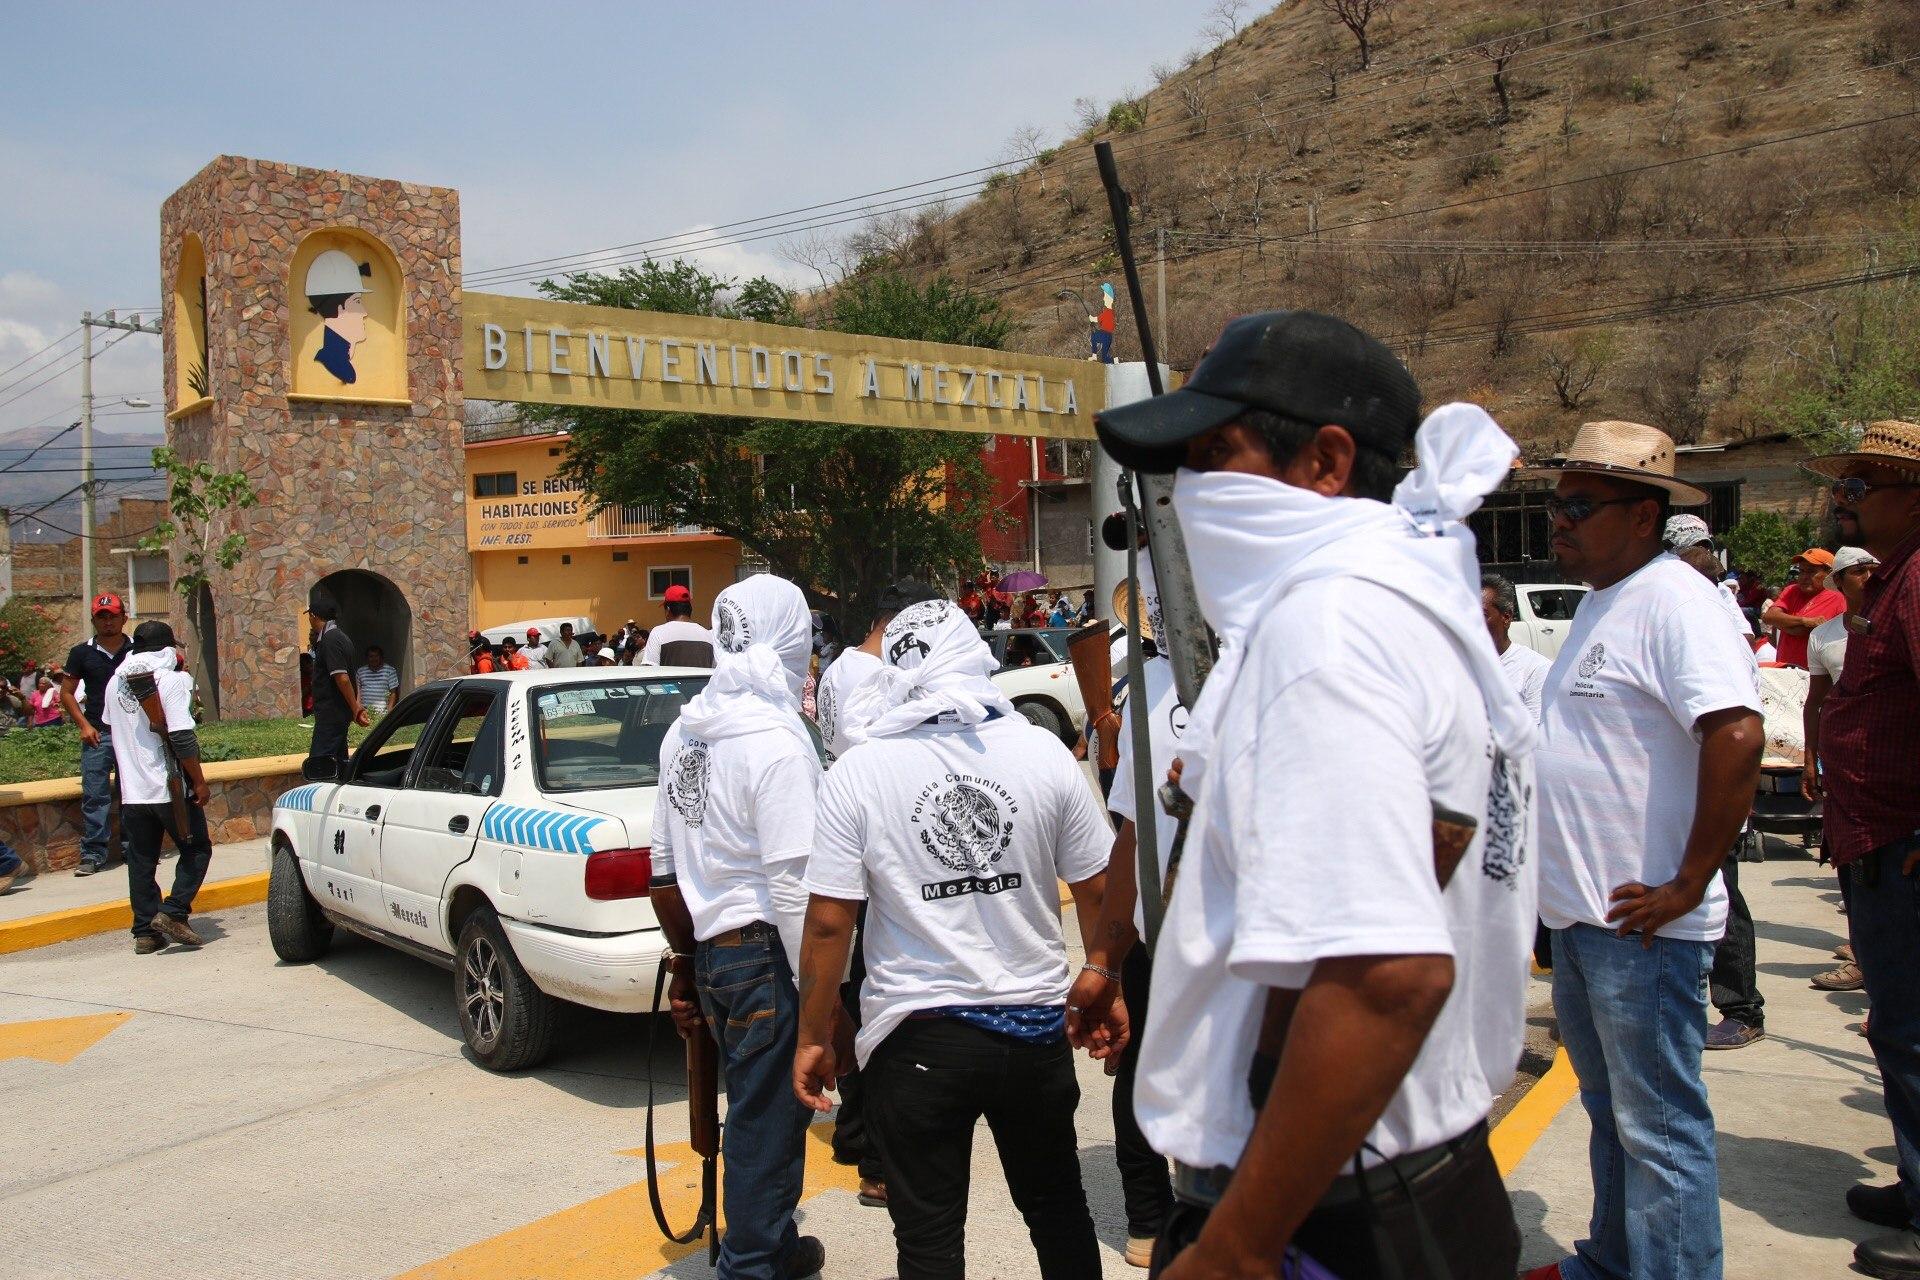 Civiles armados son vistos este domingo 28 de mayo de 2017, en la zona de Mezcala. FOTO EFE